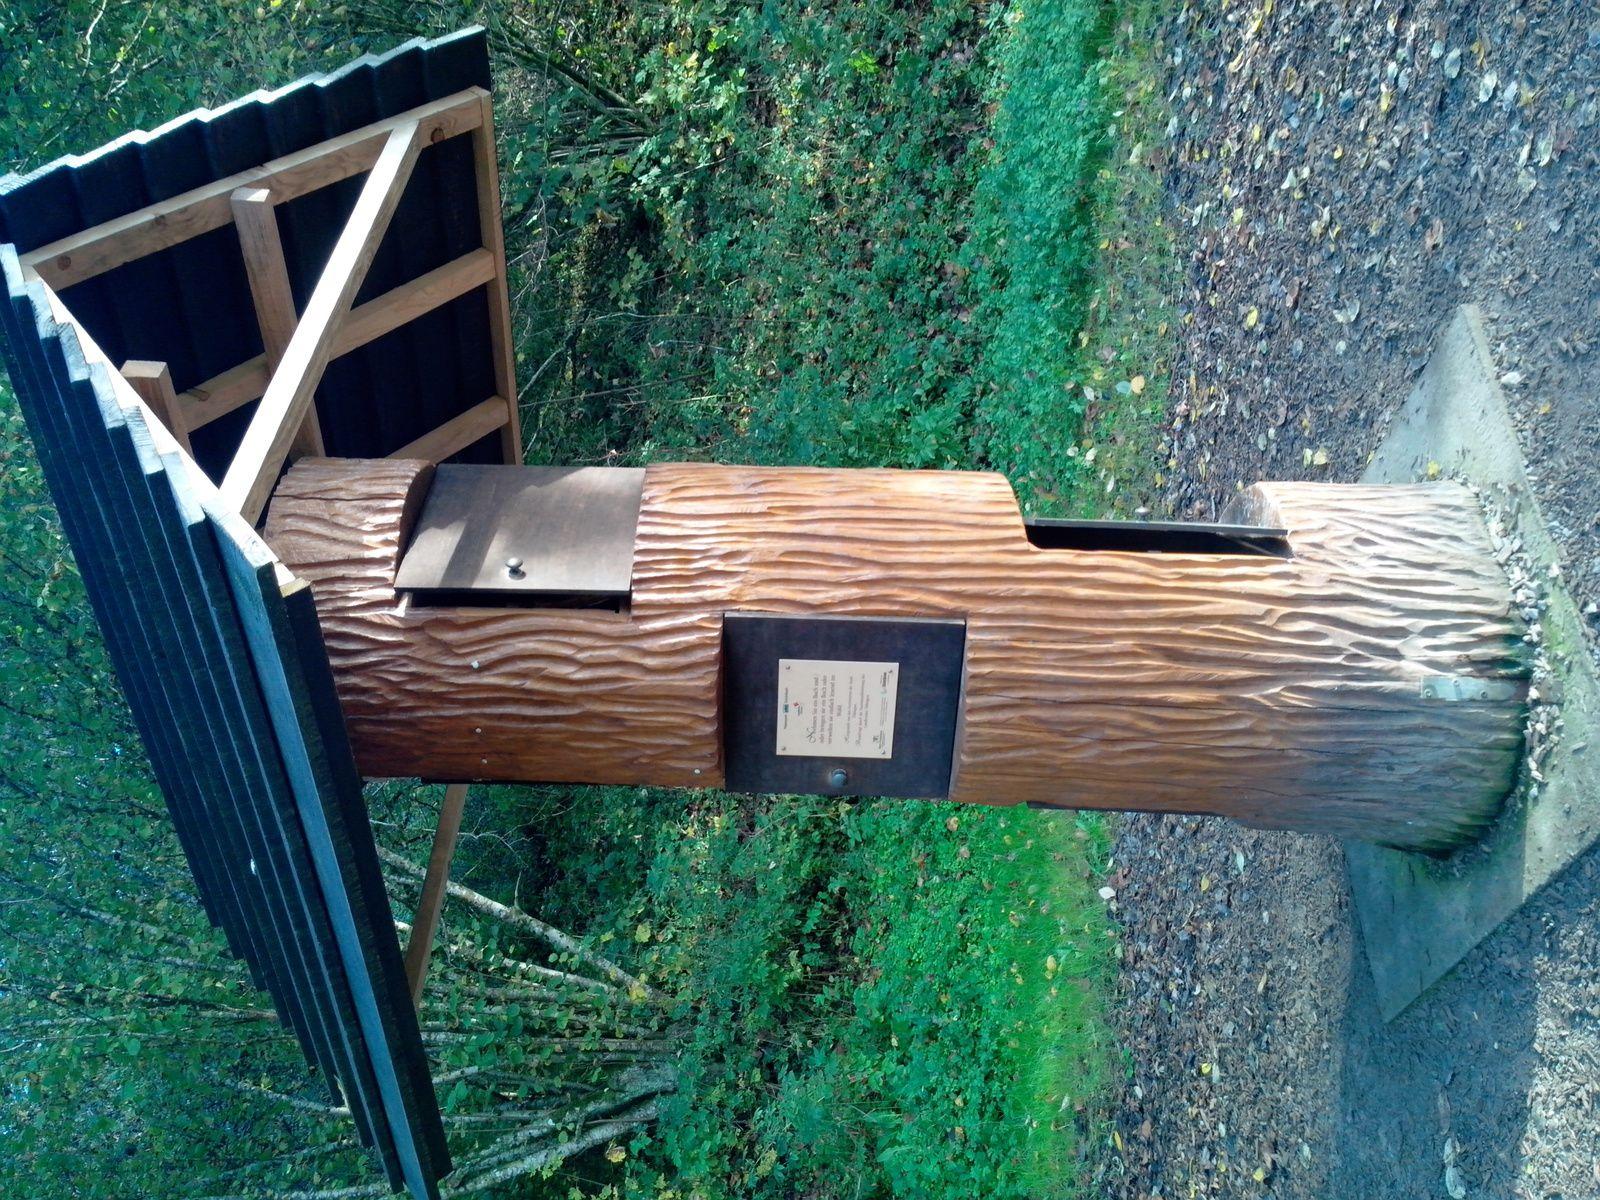 L'arbre-livre de Bebenhausen, découvert au hasard d'un dimanche après-midi en forêt.